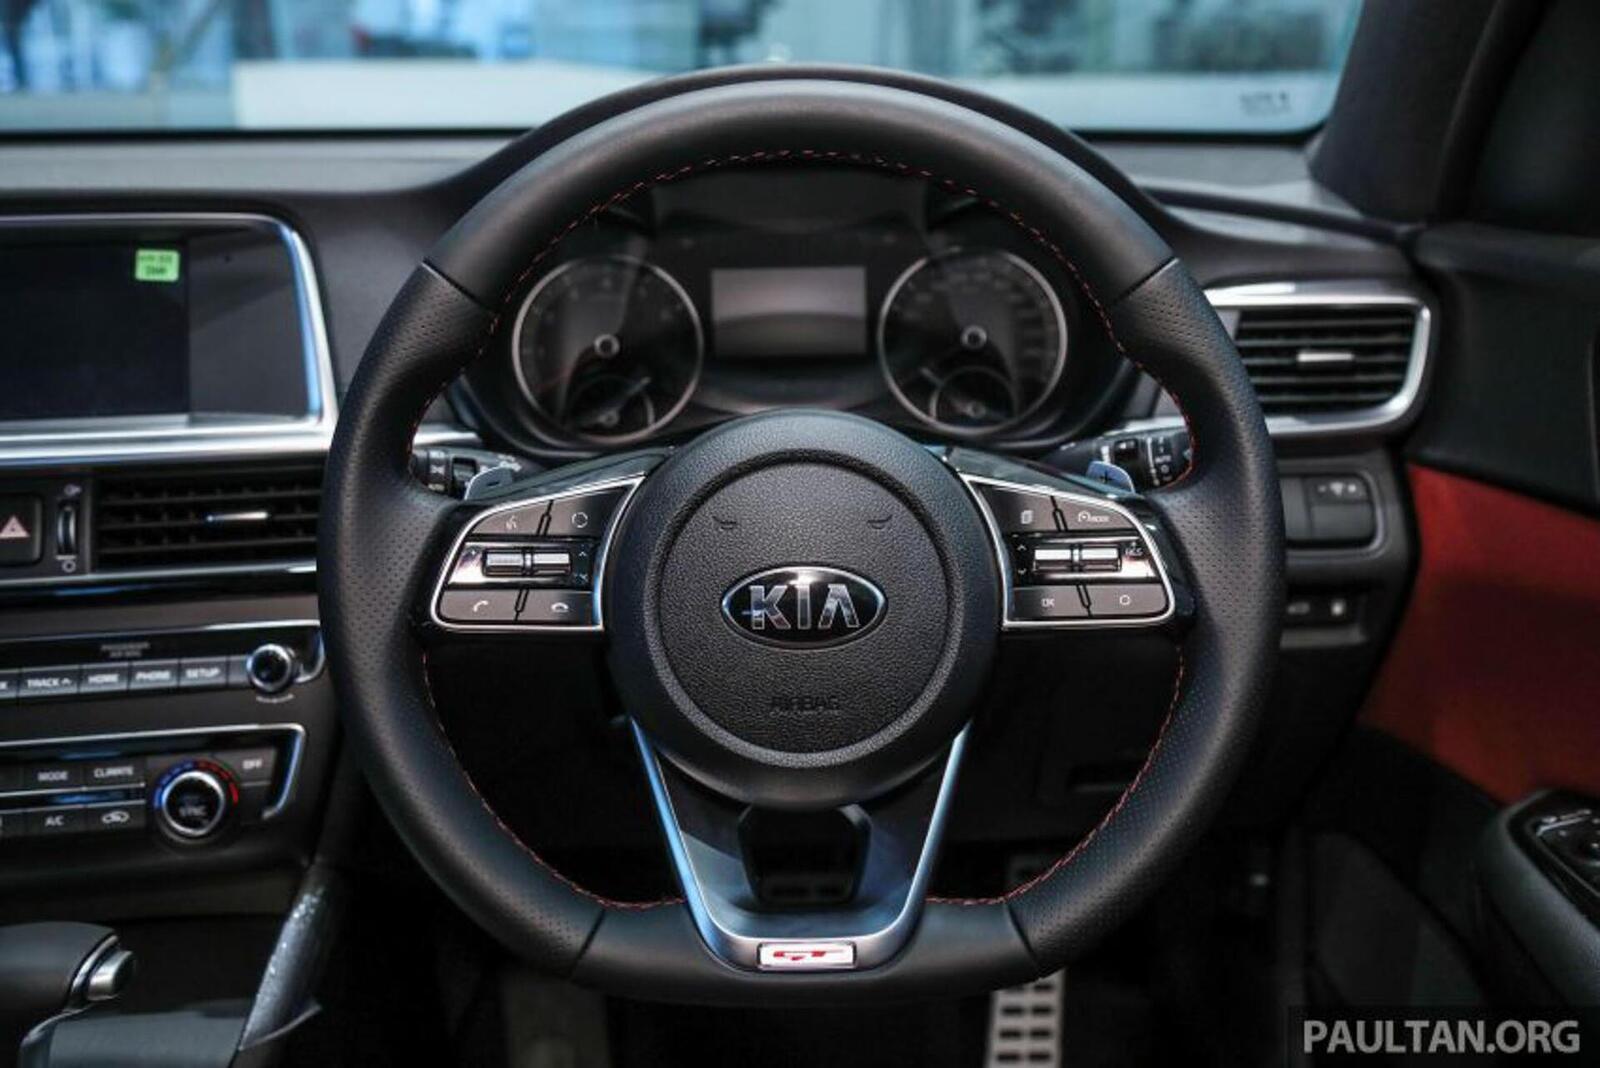 Kia Optima phiên bản nâng cấp facelift mới nhất đã có mặt tại Việt Nam - Hình 15